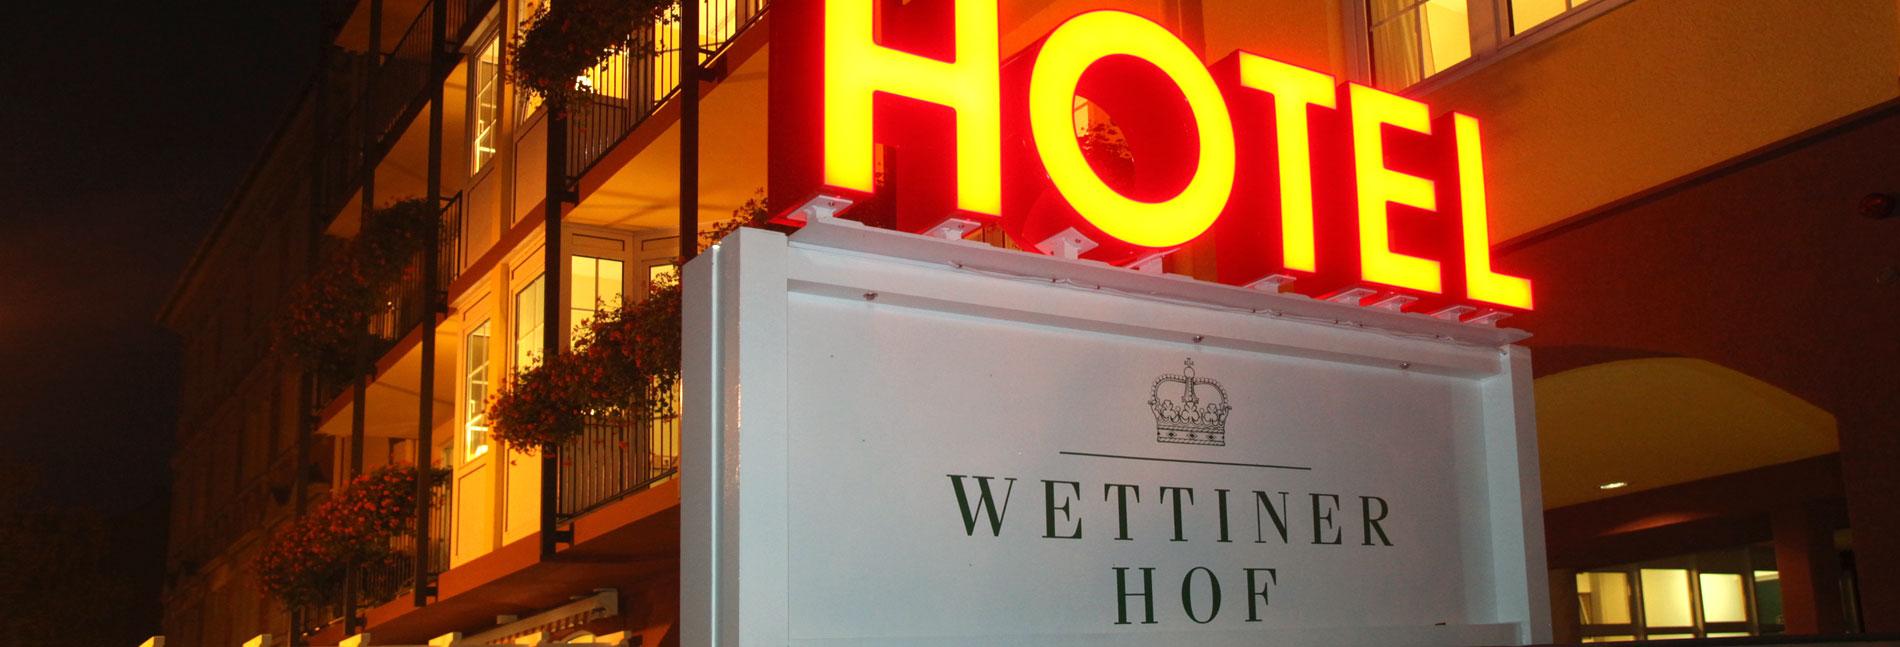 wettiner-hof-riesa-hotel